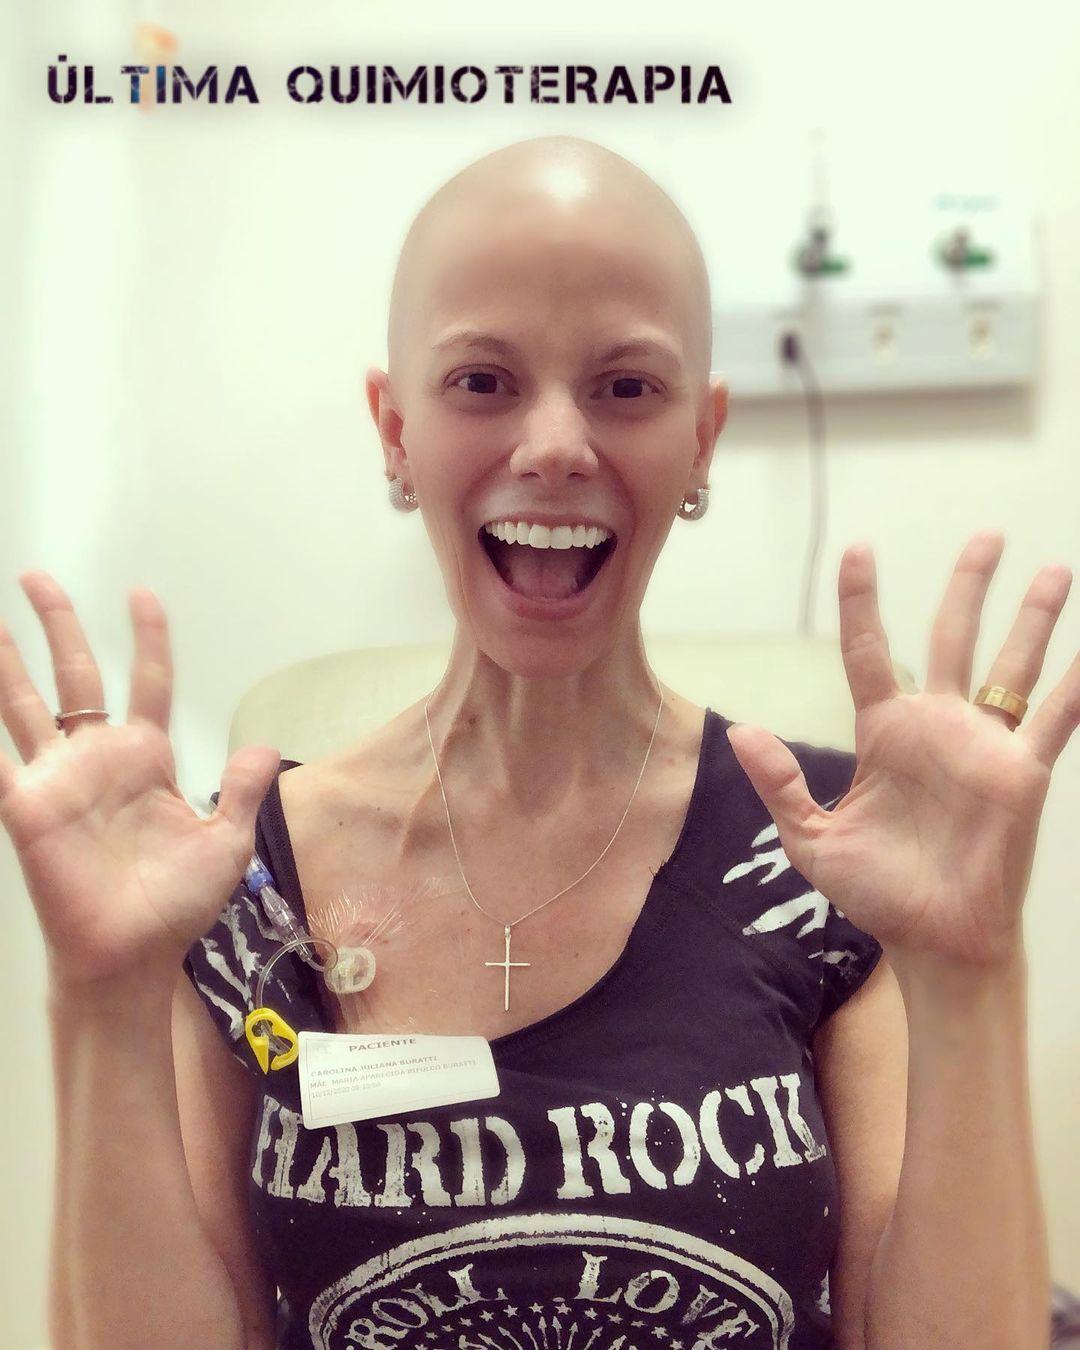 É preciso lidar com o medo do Câncer